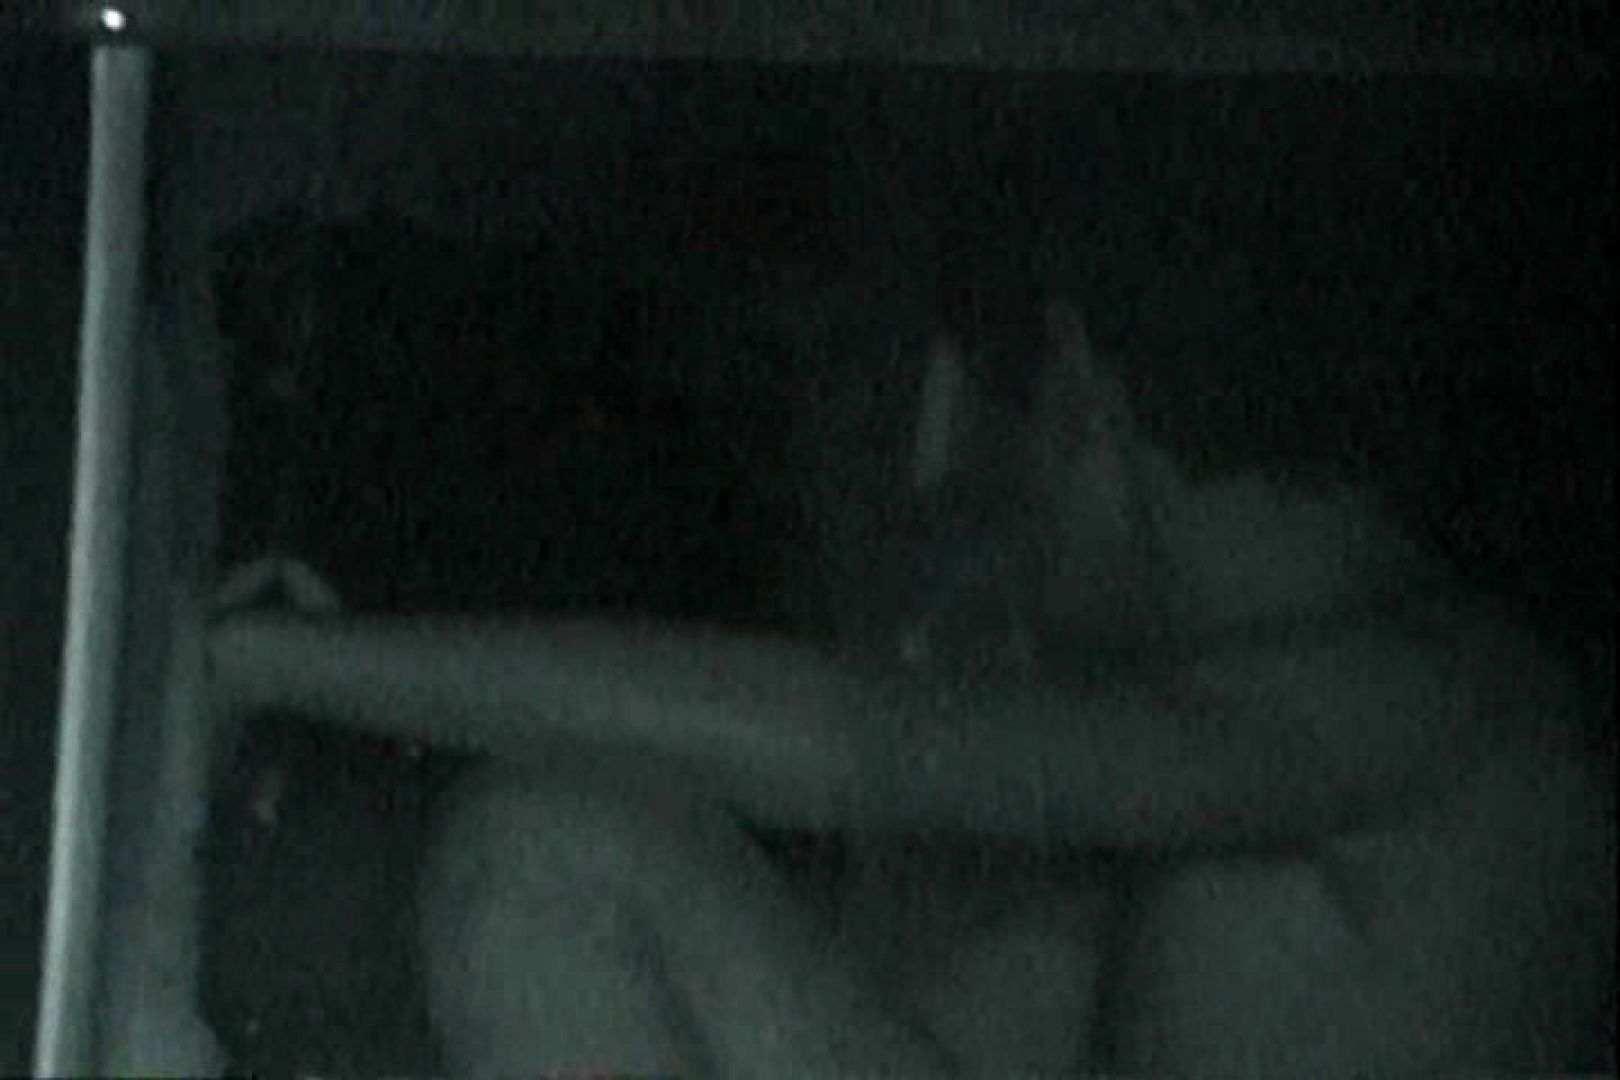 充血監督の深夜の運動会Vol.129 カップルのセックス SEX無修正画像 97PIX 18